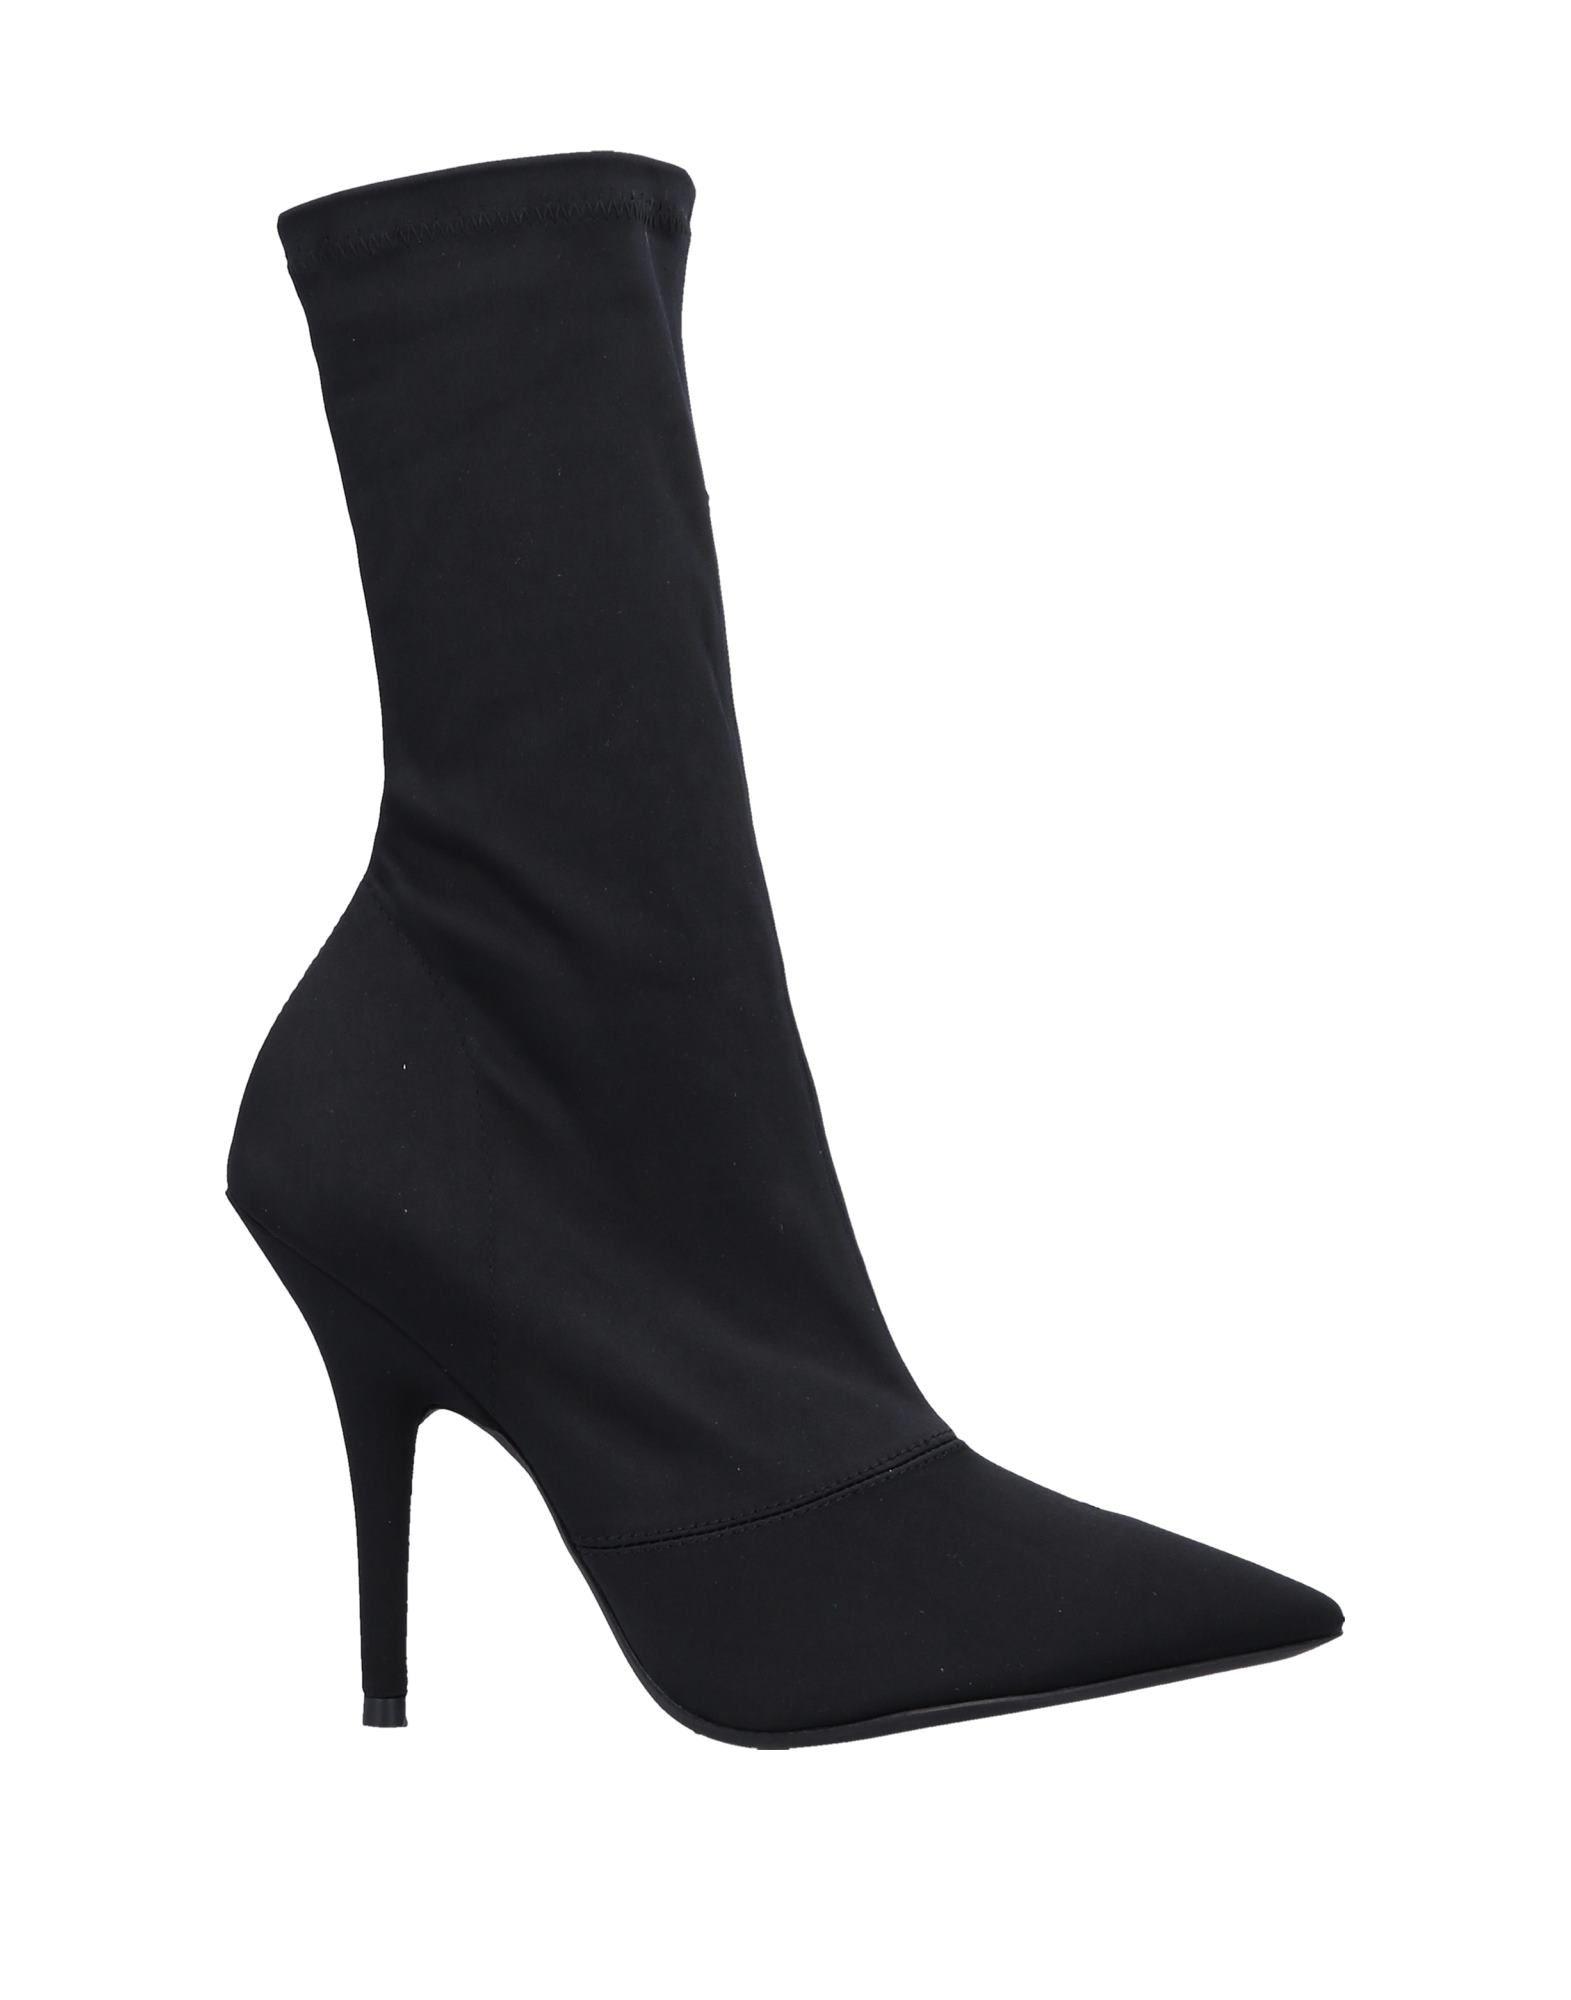 Bottine Yeezy Femme - Bottines Yeezy Noir Mode pas cher et belle